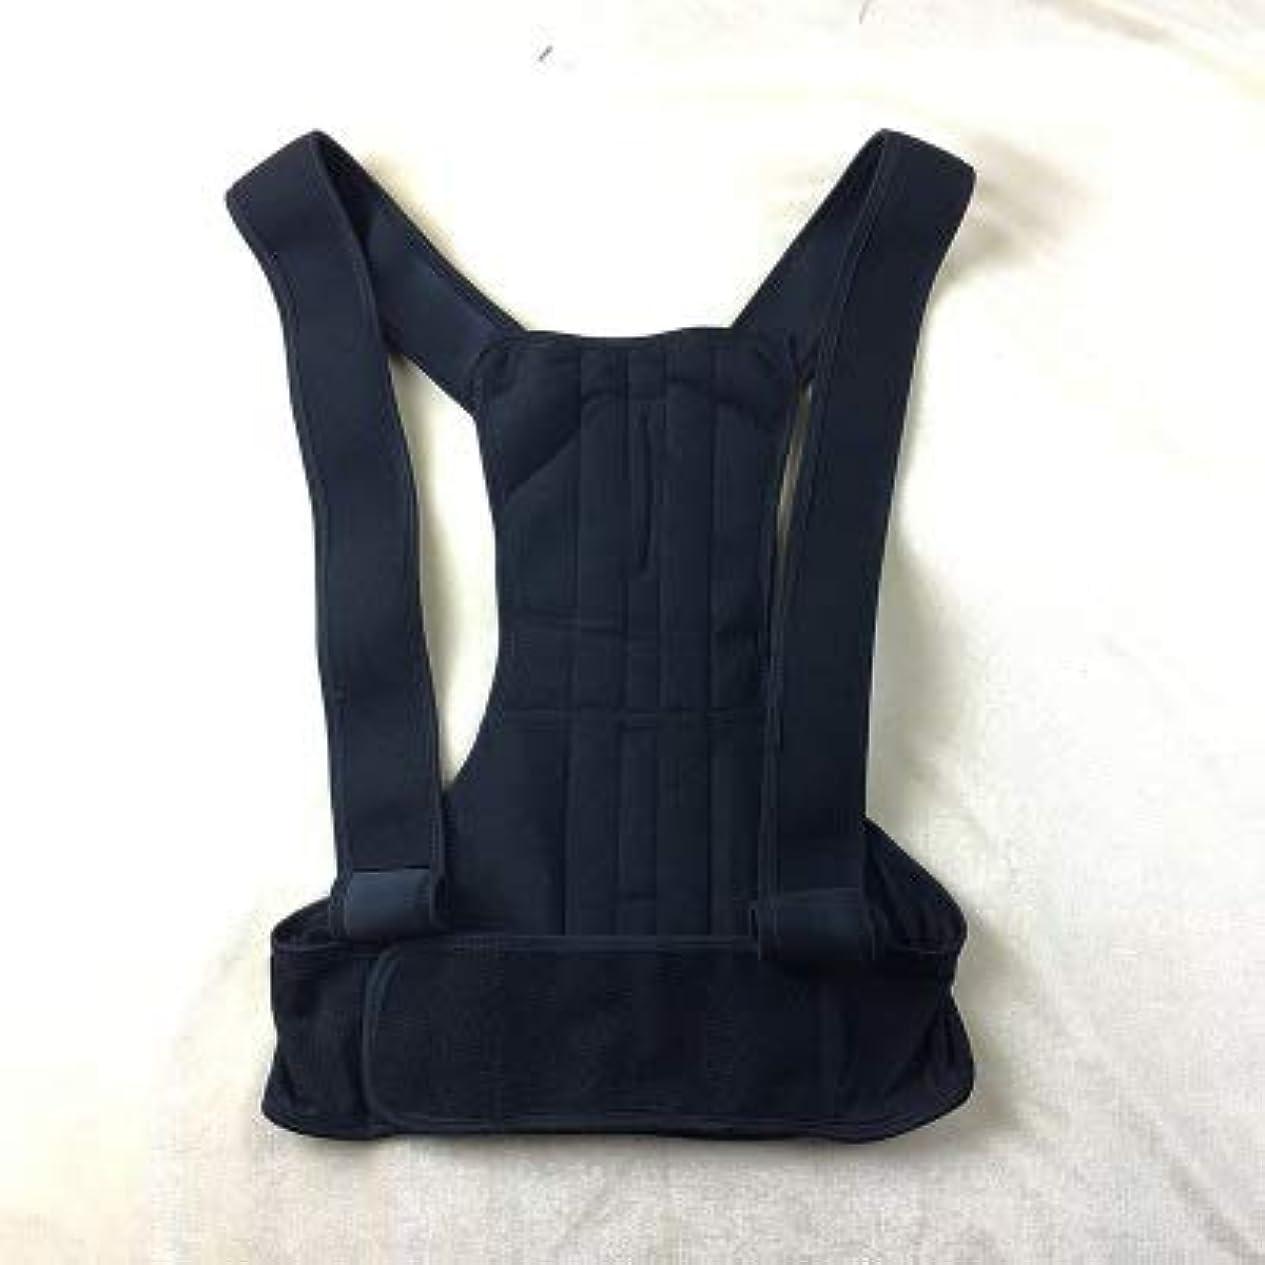 骨折質素な持っているRRT 二の腕シェイパー アームカバー 引き締め 痩せ サポーター 滑り止め 吸汗速乾 冷感作用 姿勢補正下着 肩筋サポート 補正 (Color : A, Size : XXL)